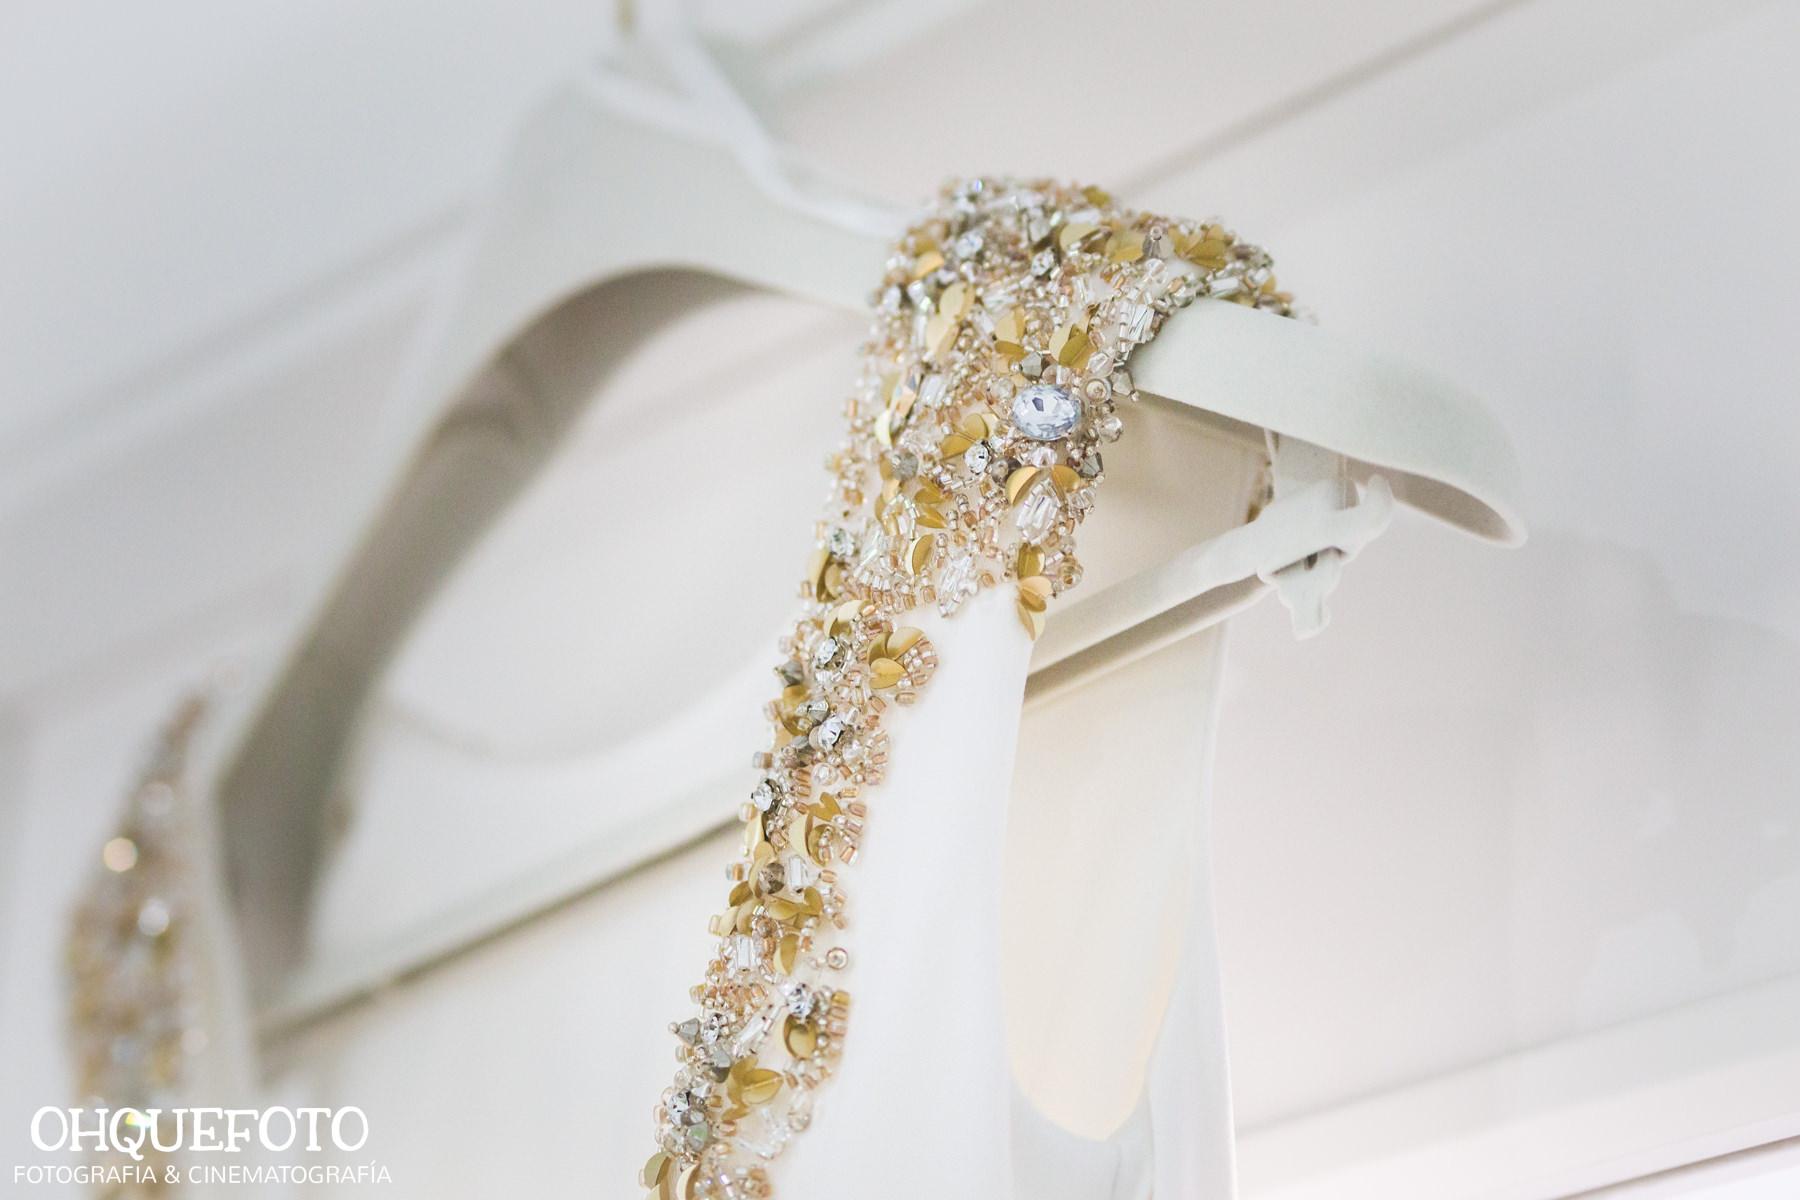 boda en la peraleda boda en cabeza del buey boda en capilla reportaje de bodas en almaden video de bodas en cordoba428 - Jose y Gema - Boda en Zarza Capilla y la Finca La Peraleda (Chillón)